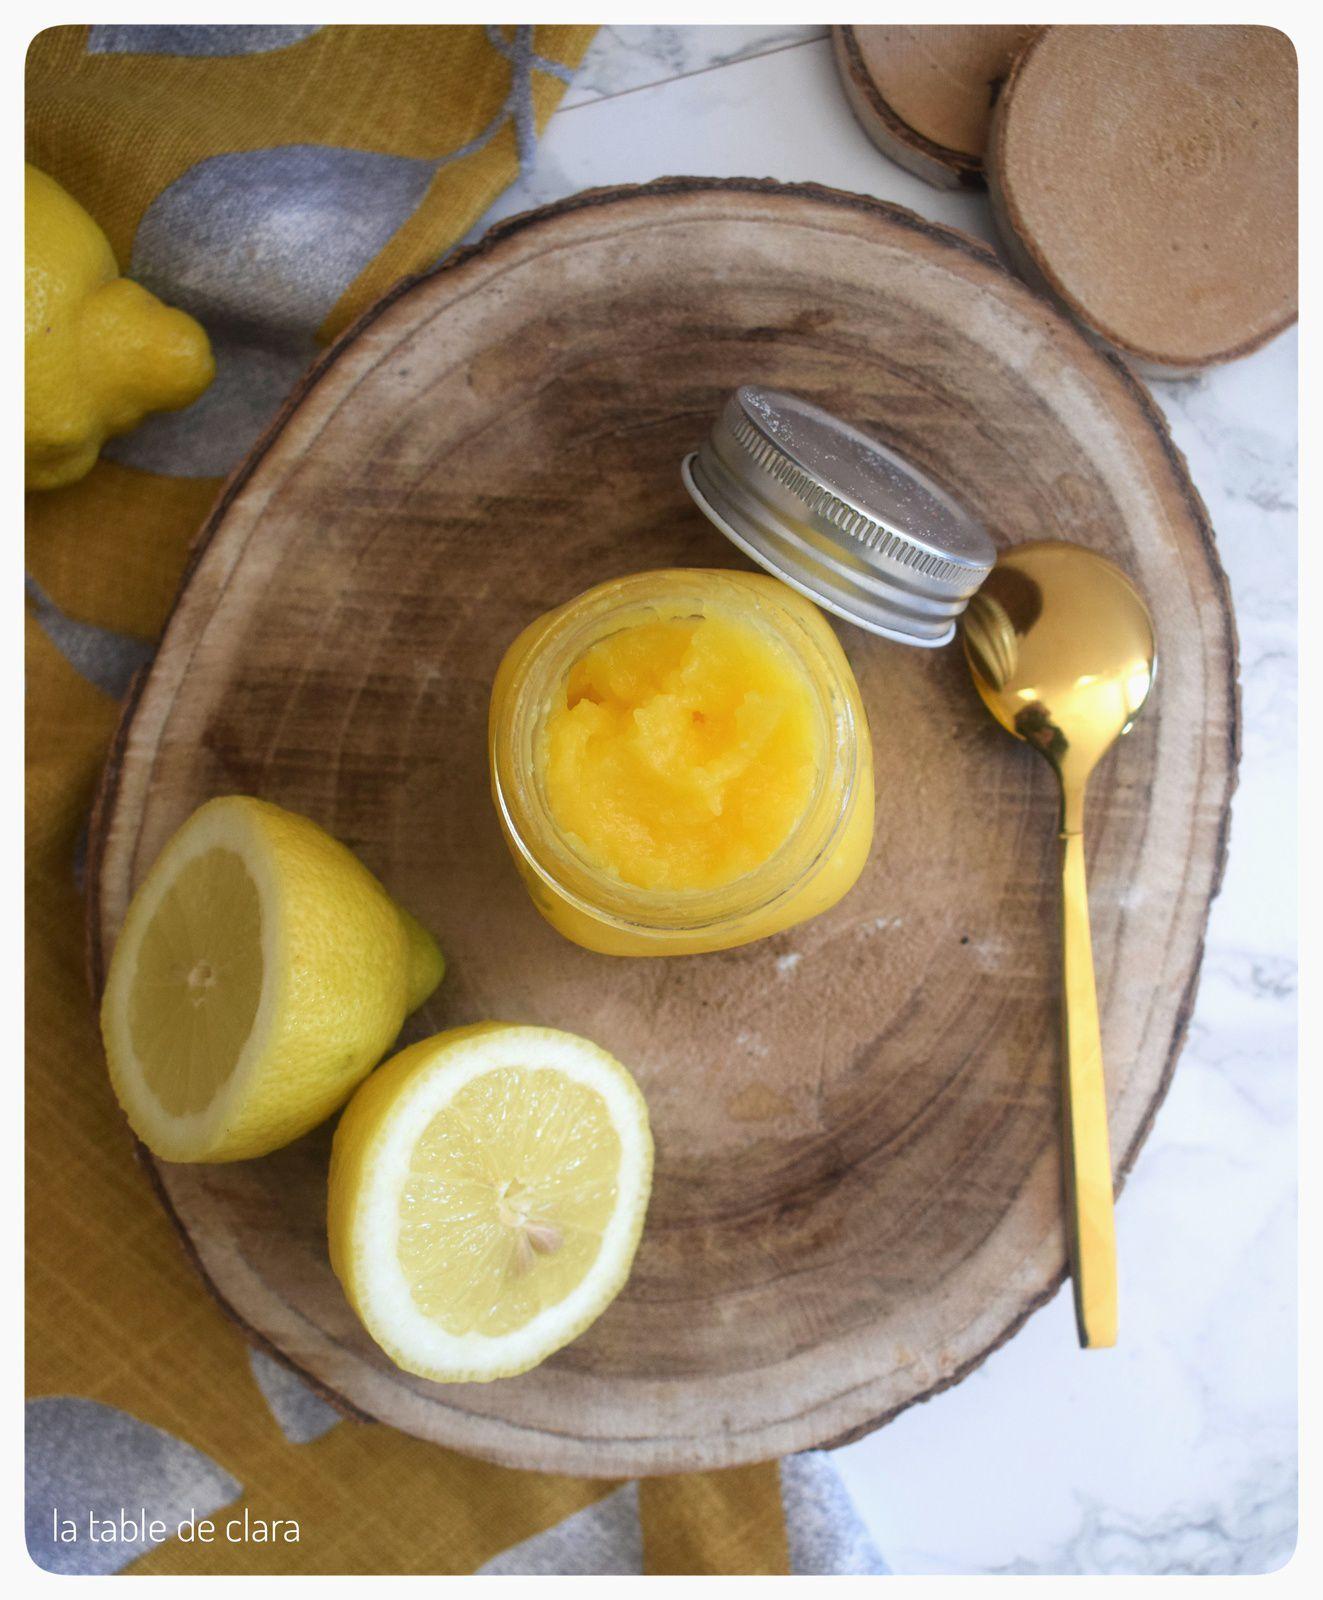 Curd de citron au micro-ondes